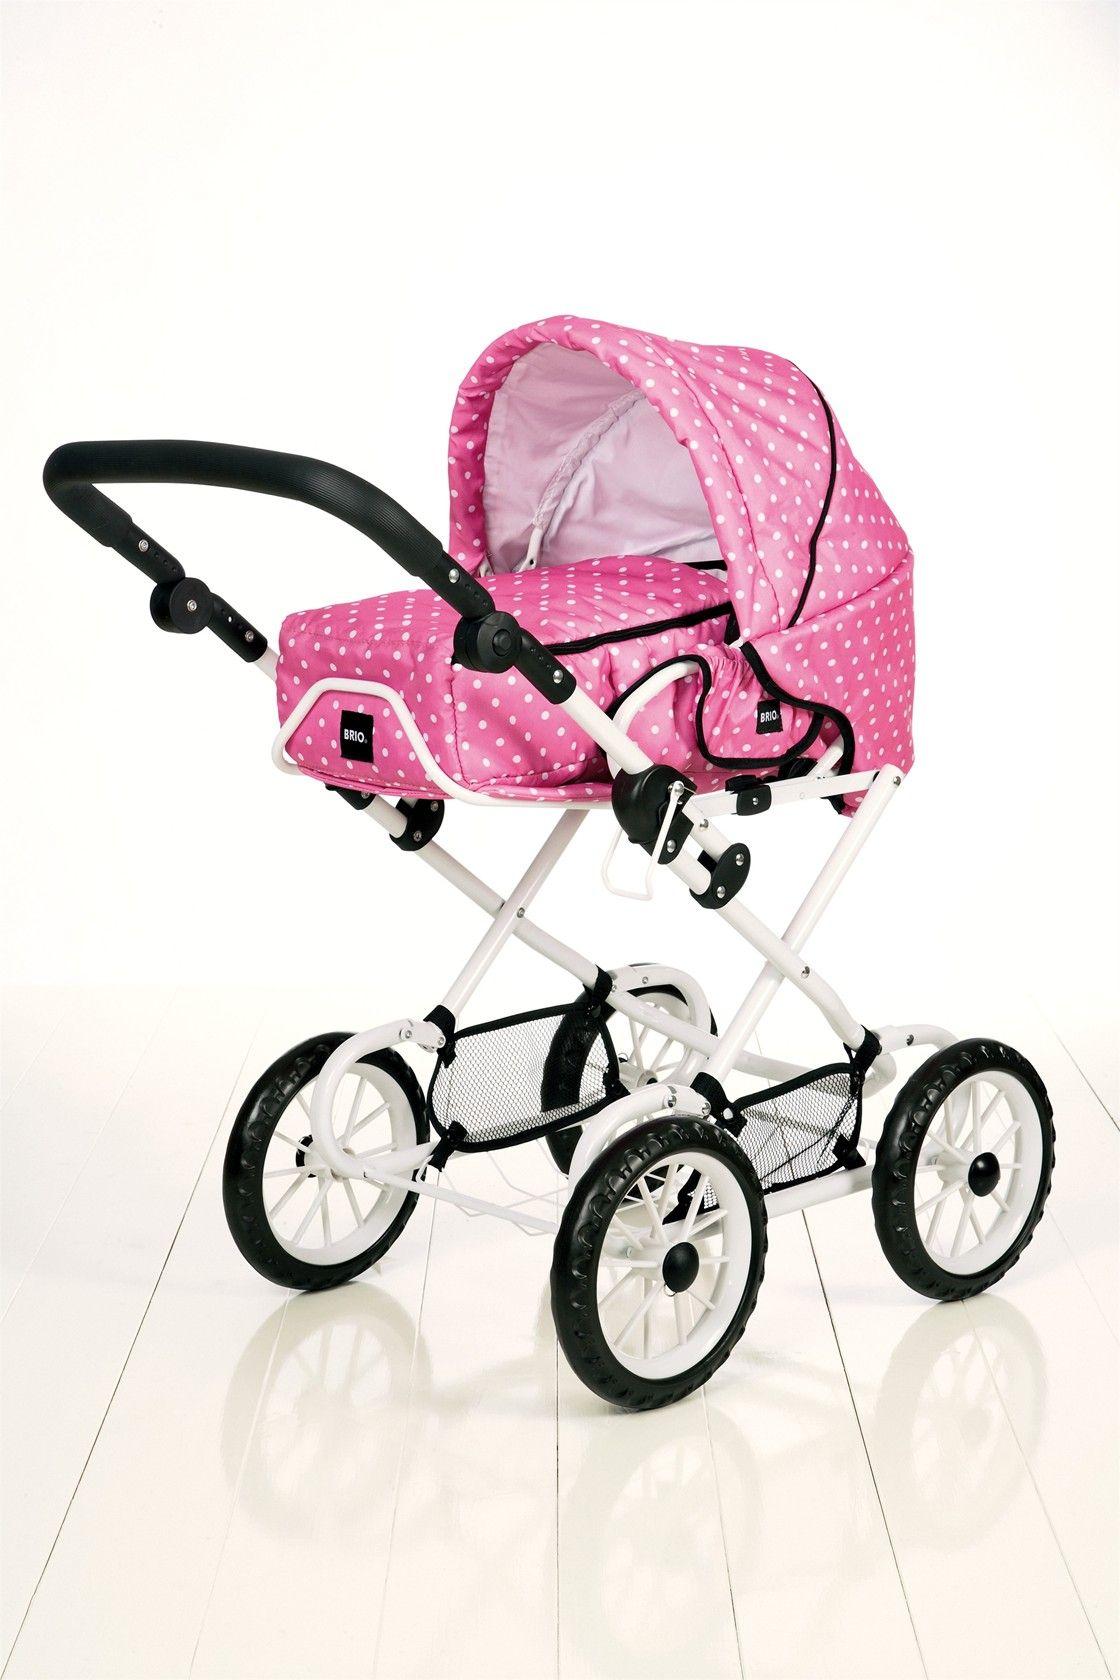 Brio Childrens Pink Polka Dot Dolls Pram & Pushchair ok